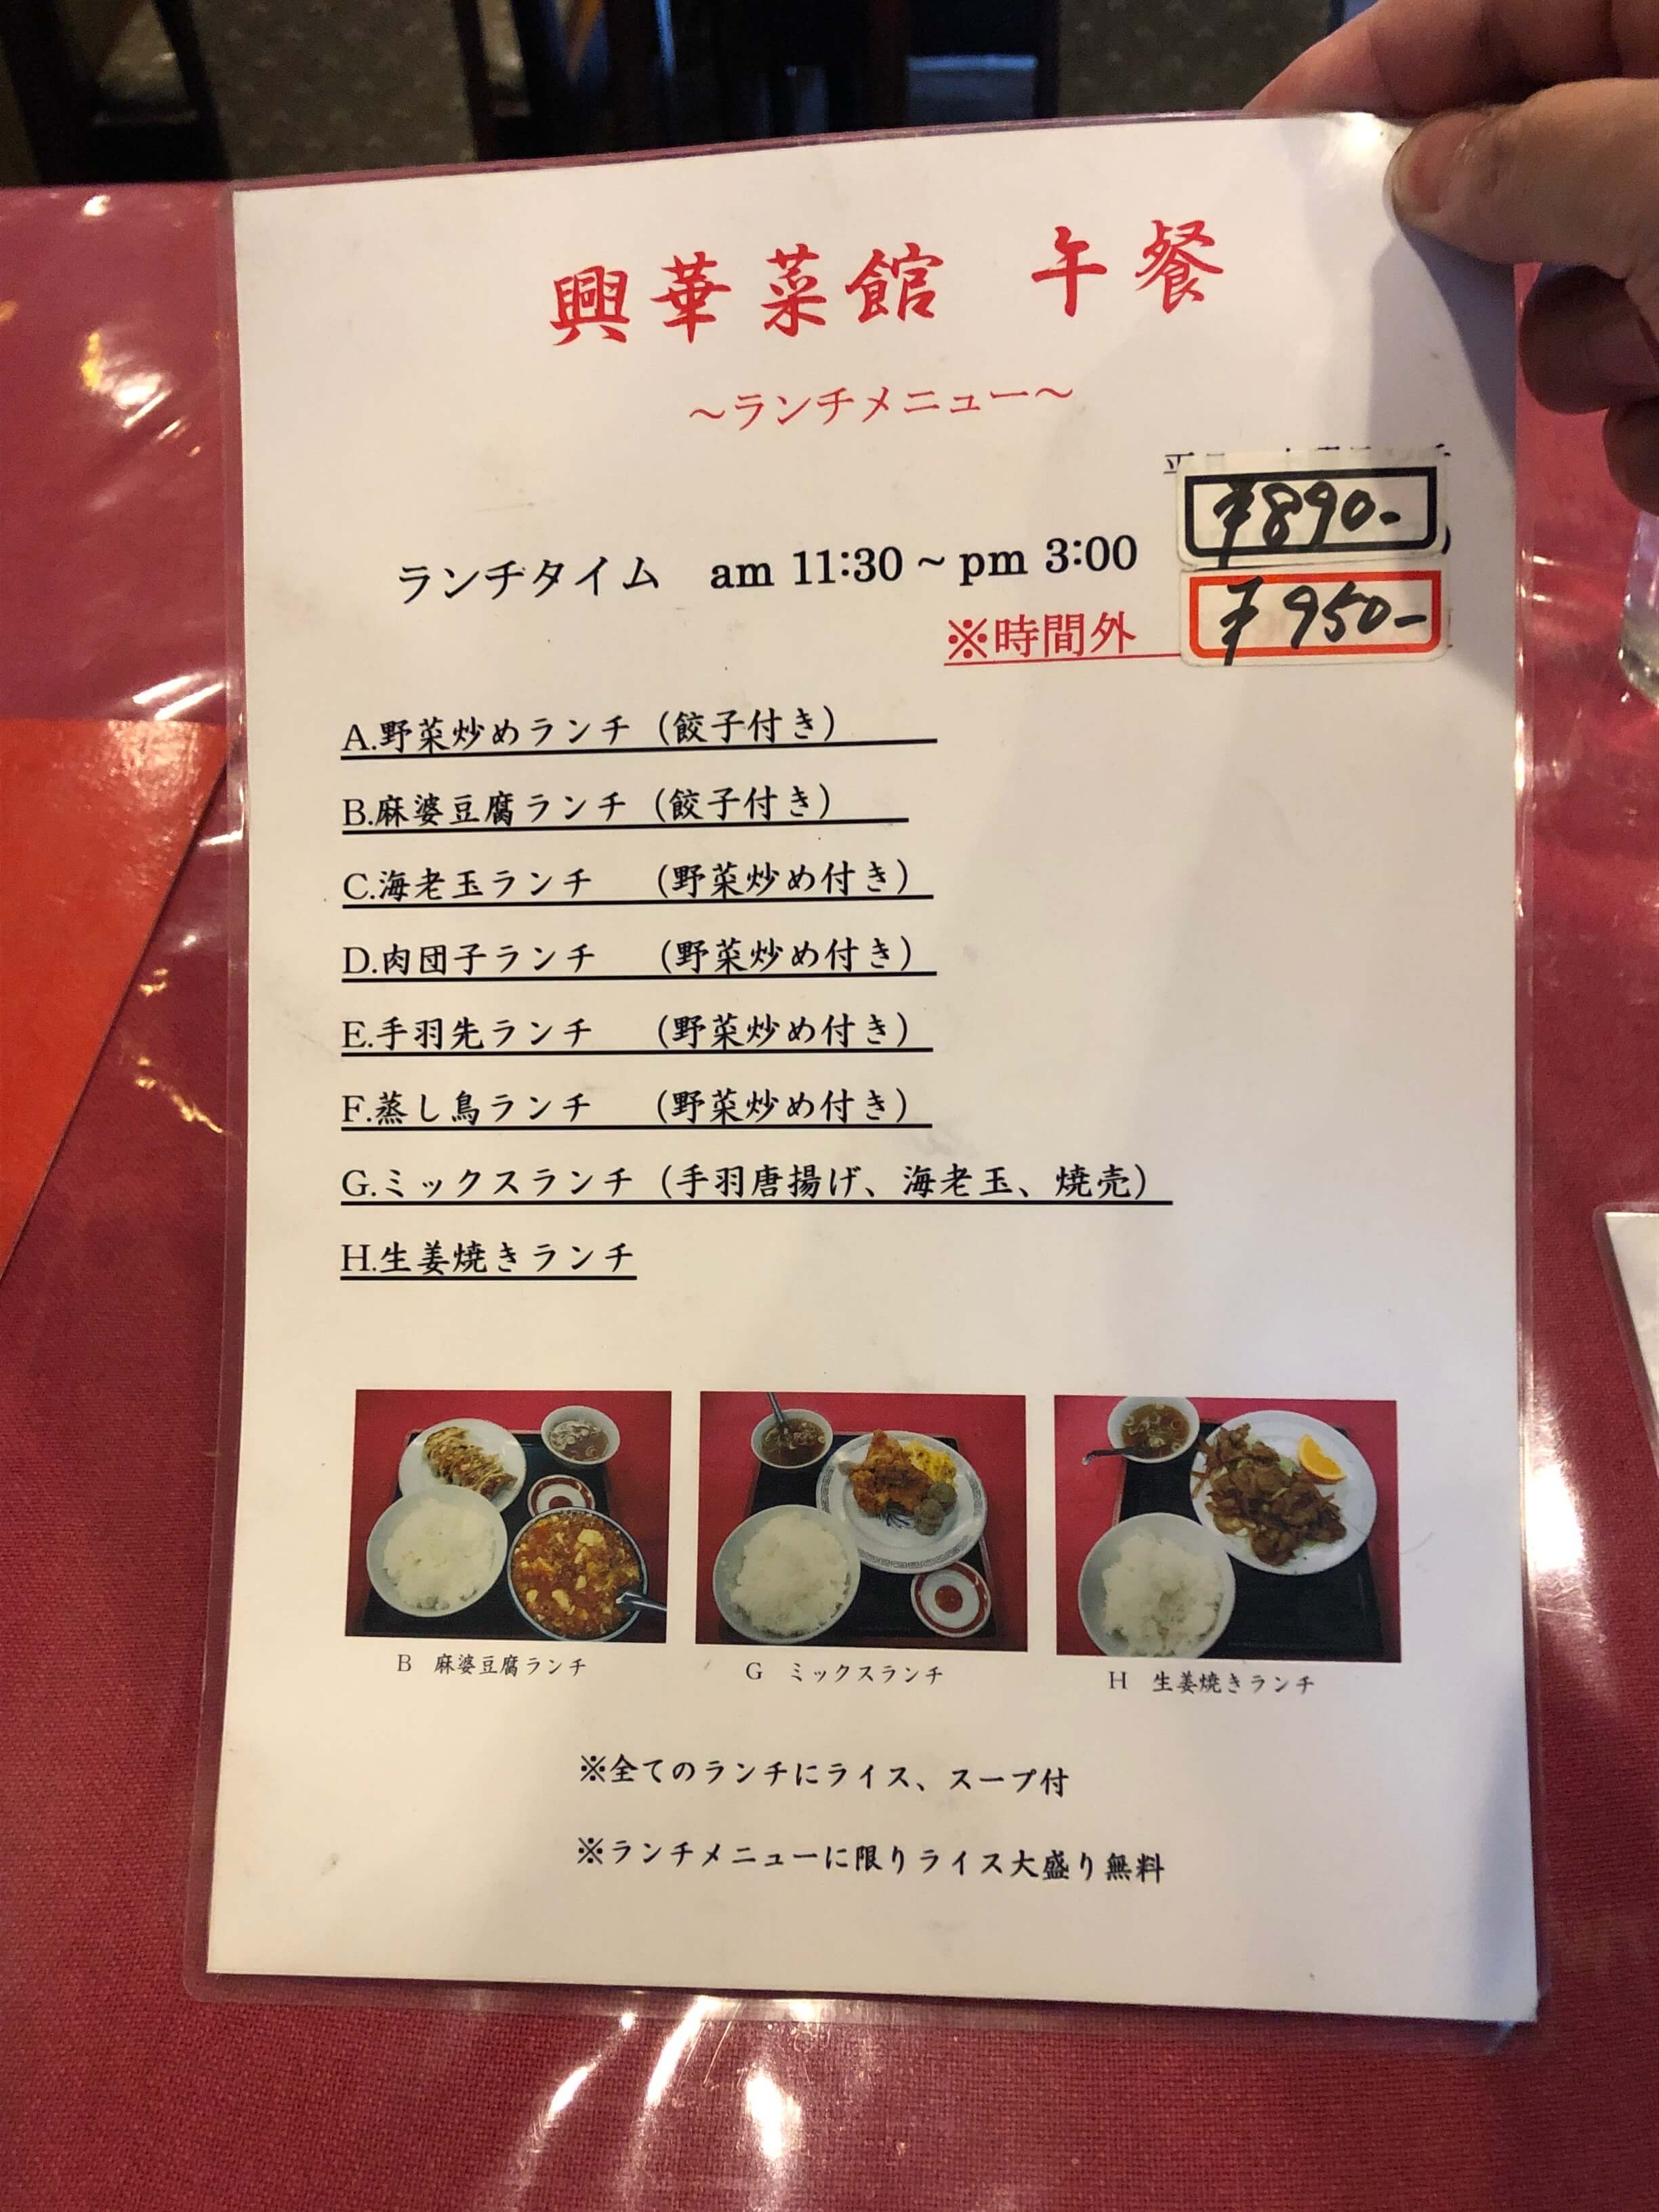 興華菜館 メニュー 2020.06.01